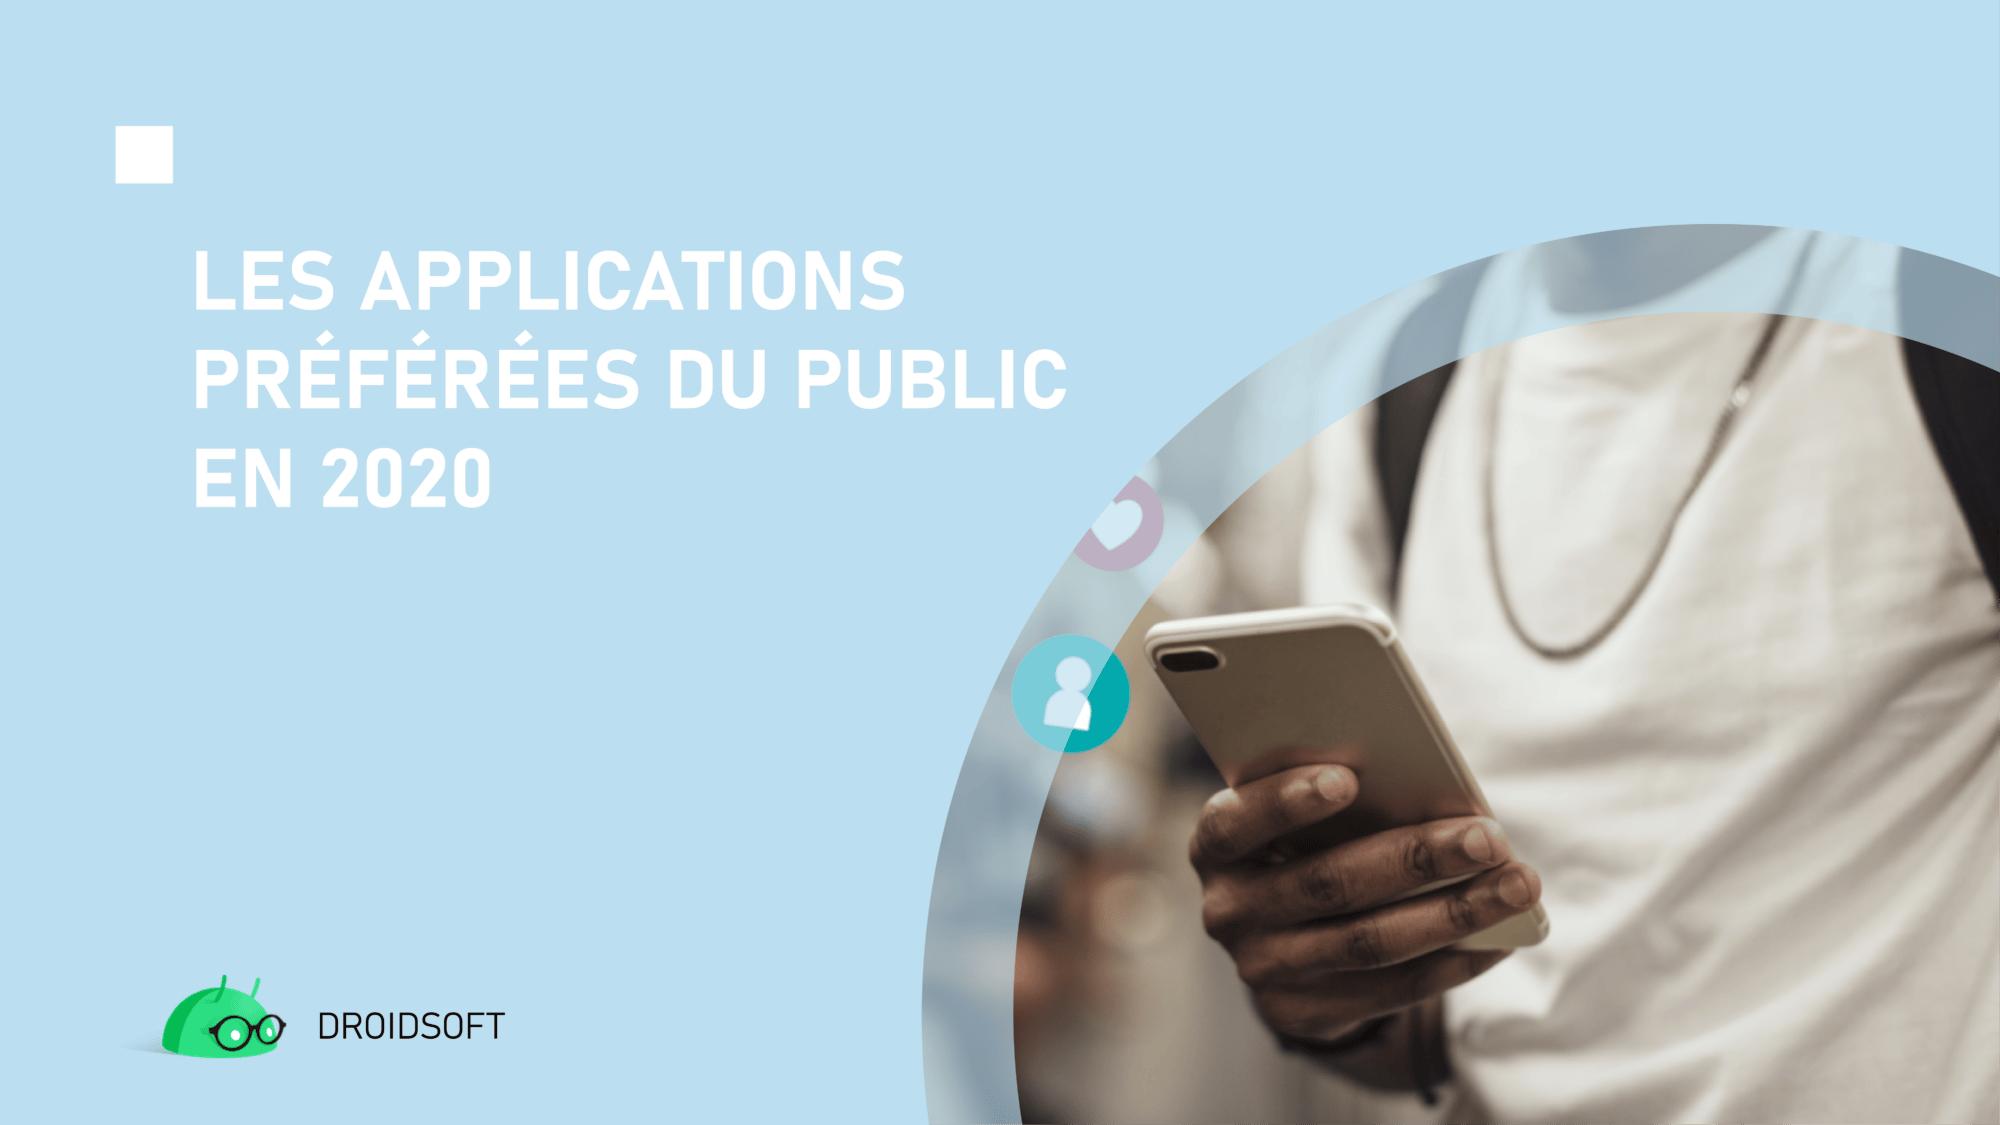 Les applications préférées du public en 2020